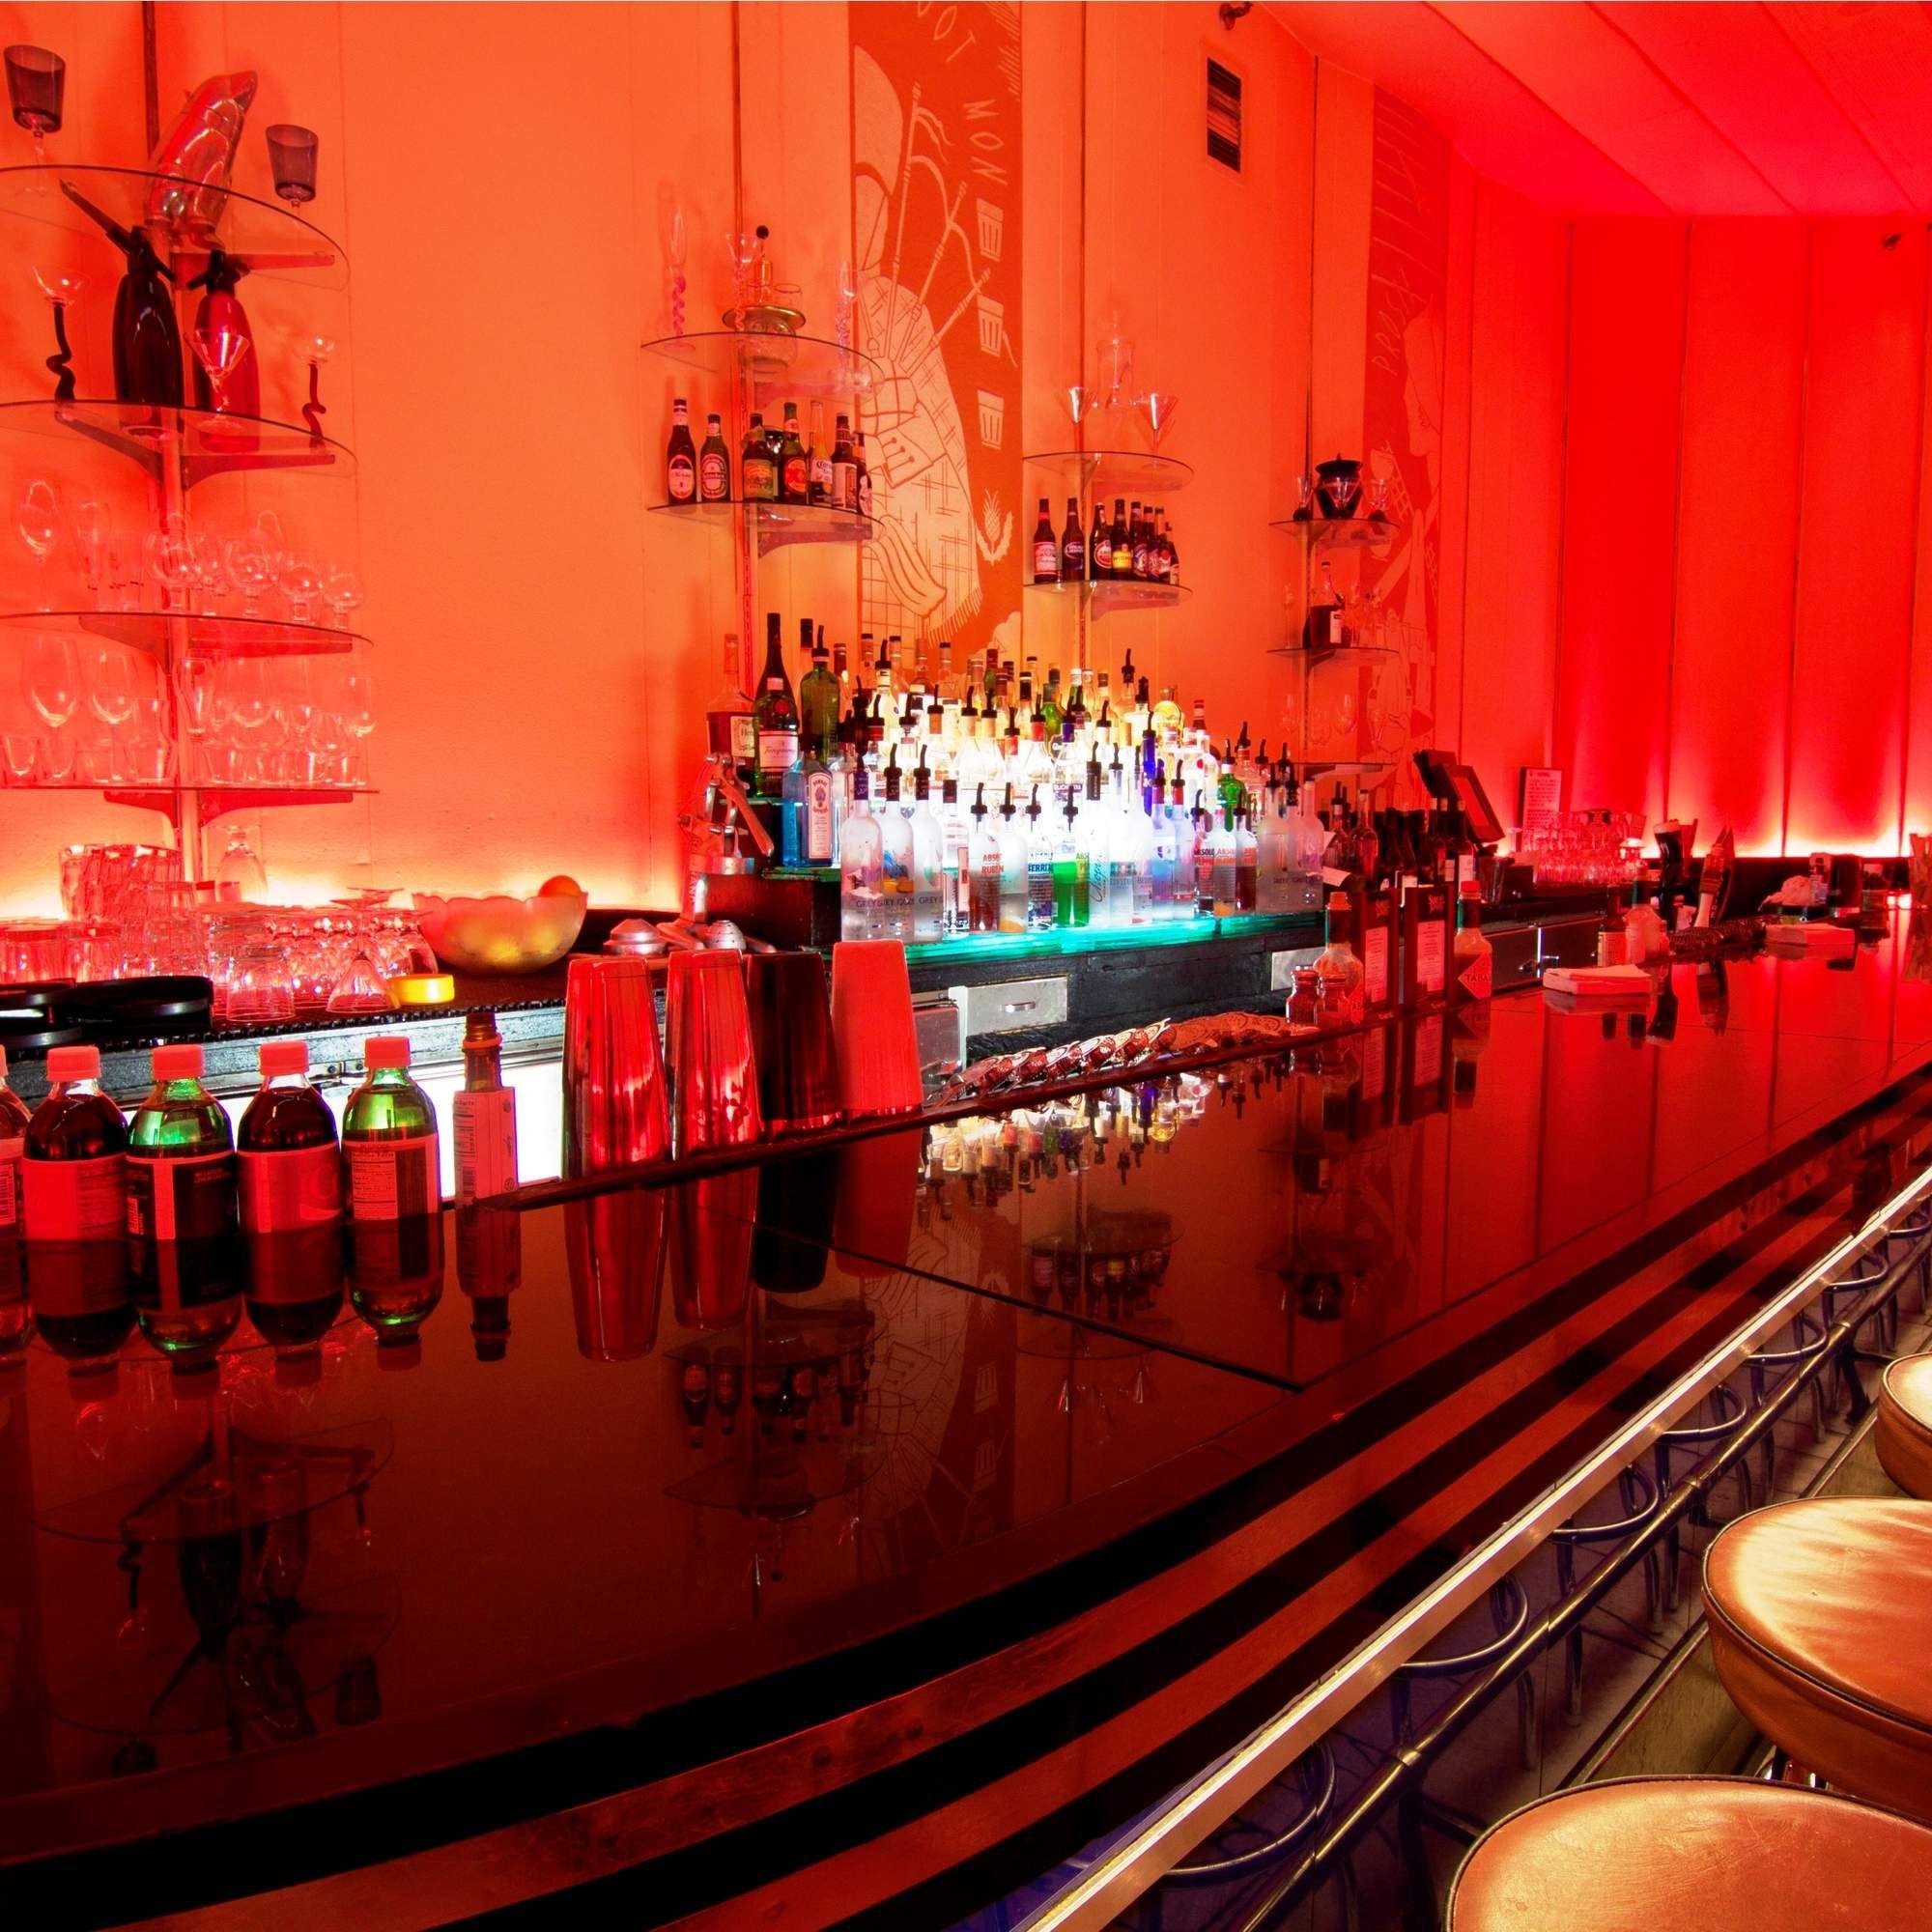 The Best Bars in Denver Right Now | Denver bars, Denver ...